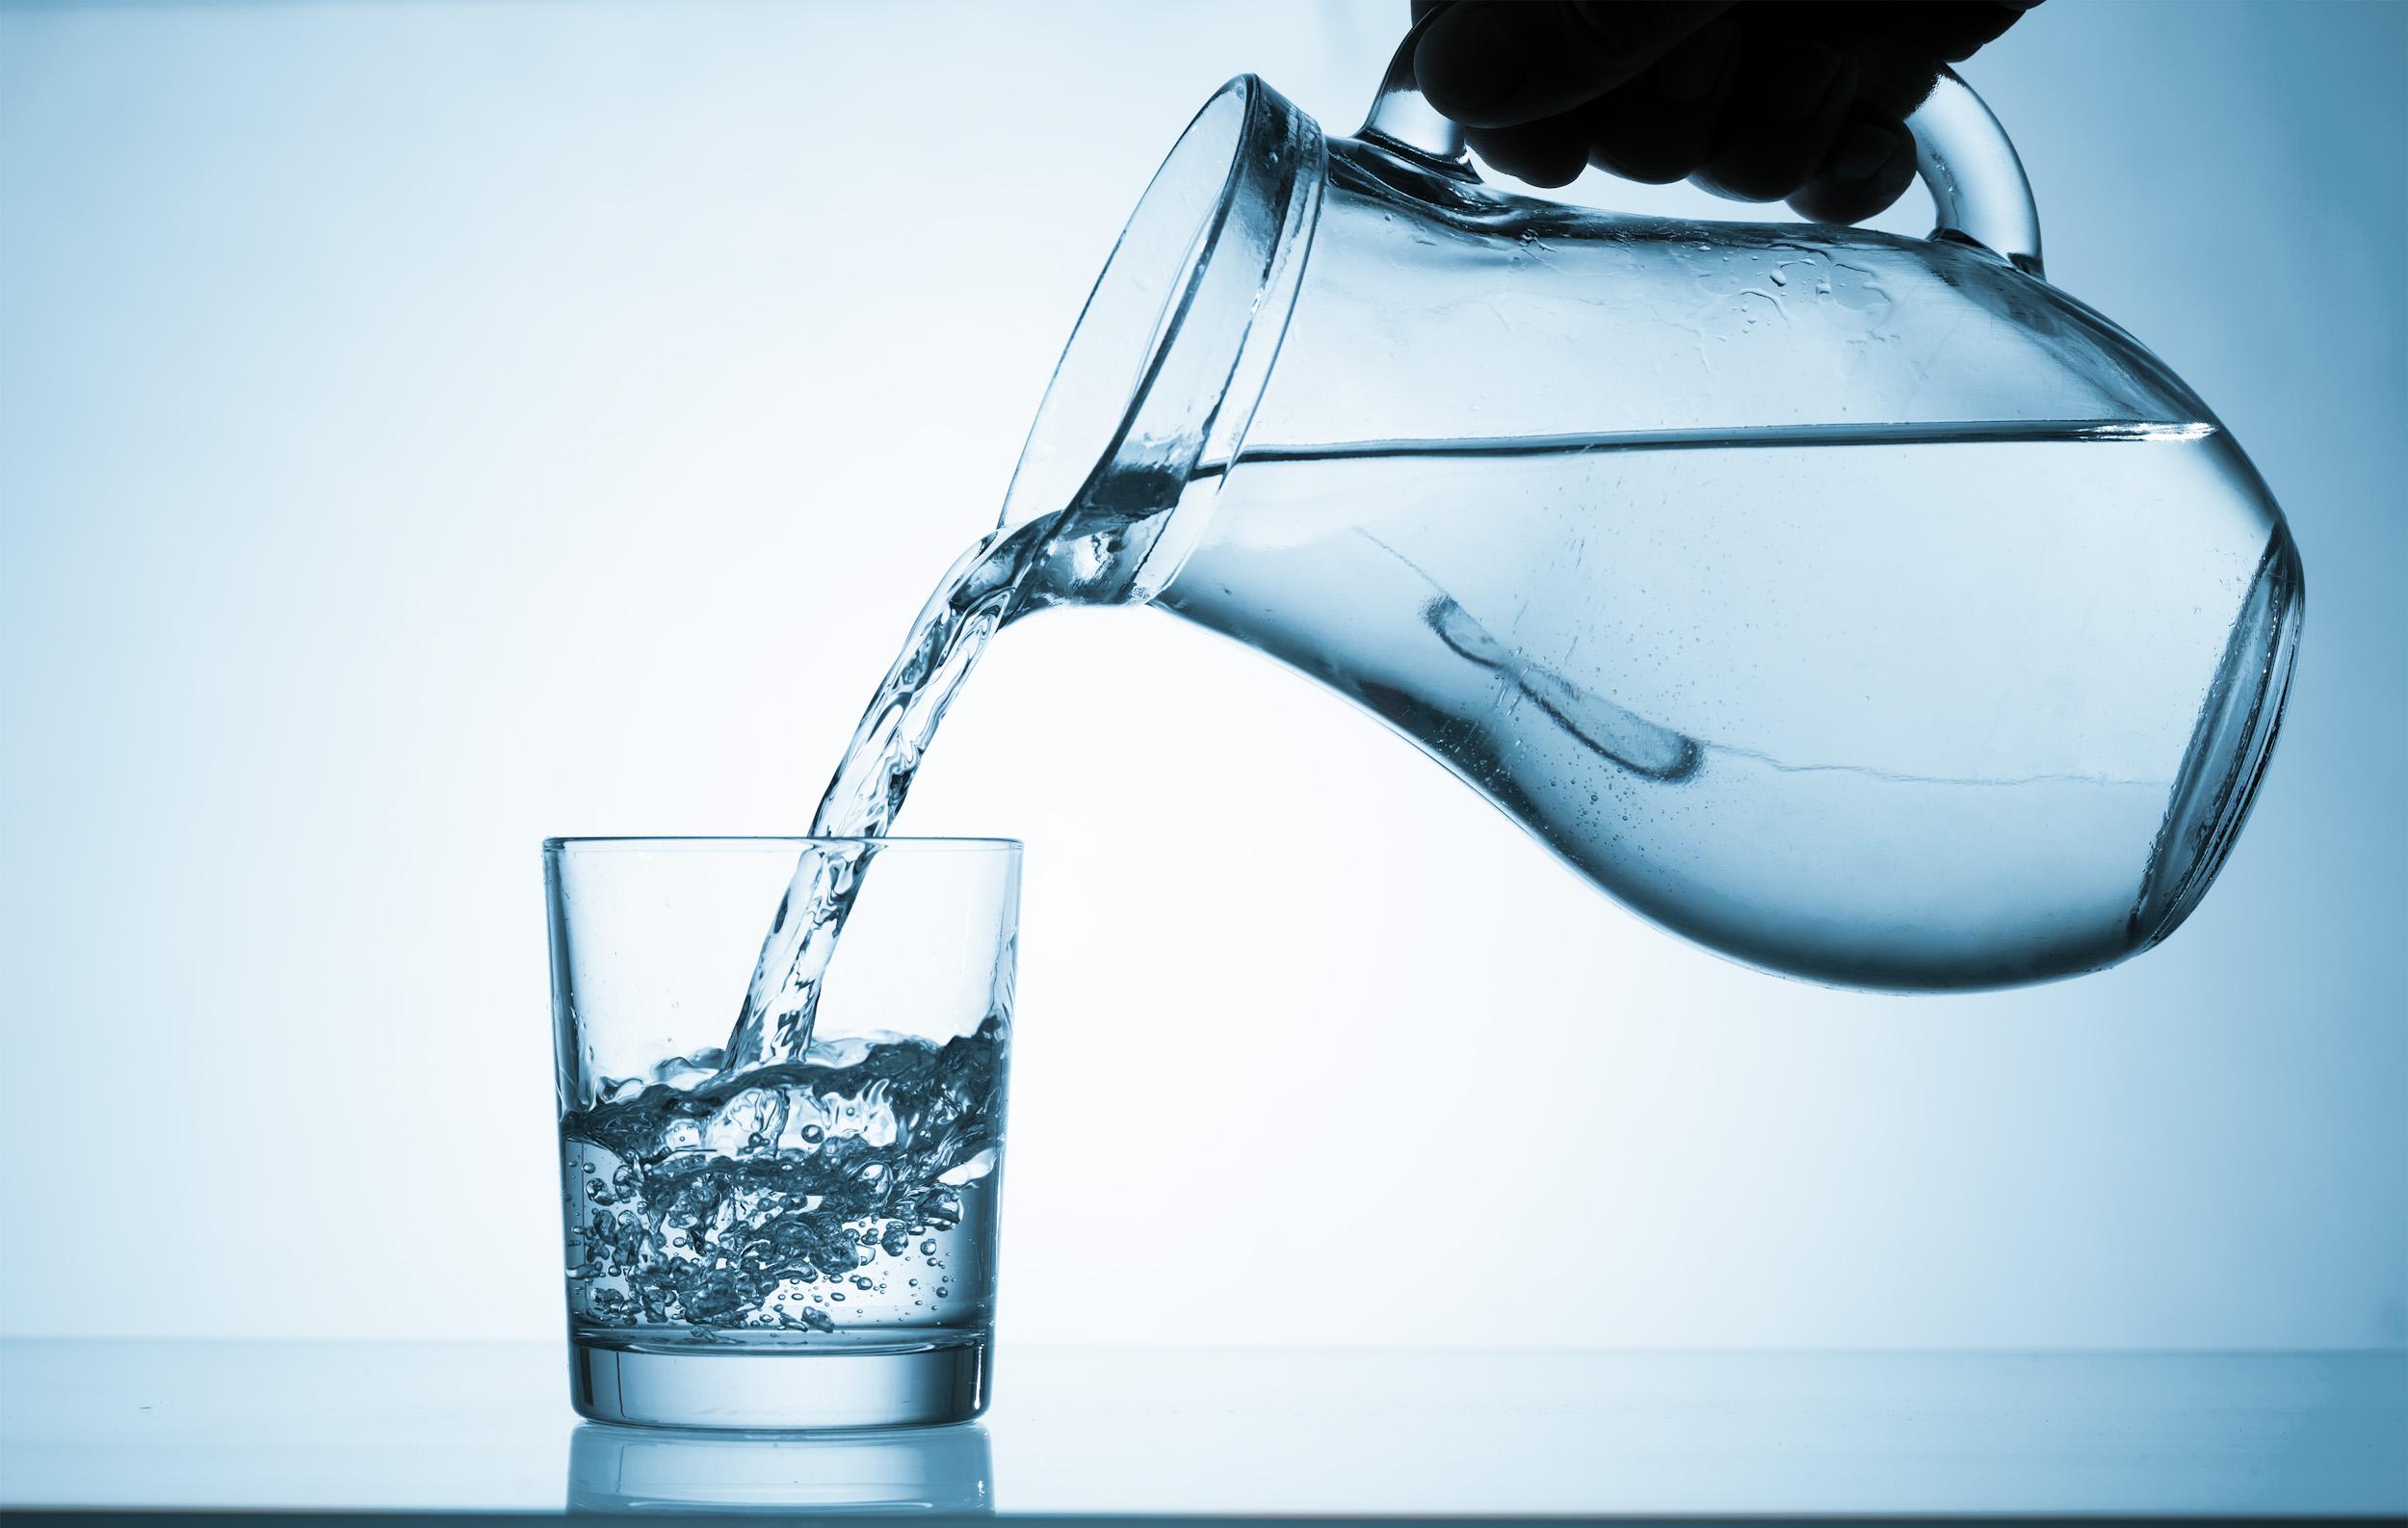 Die Vorteile von weichem Wasser